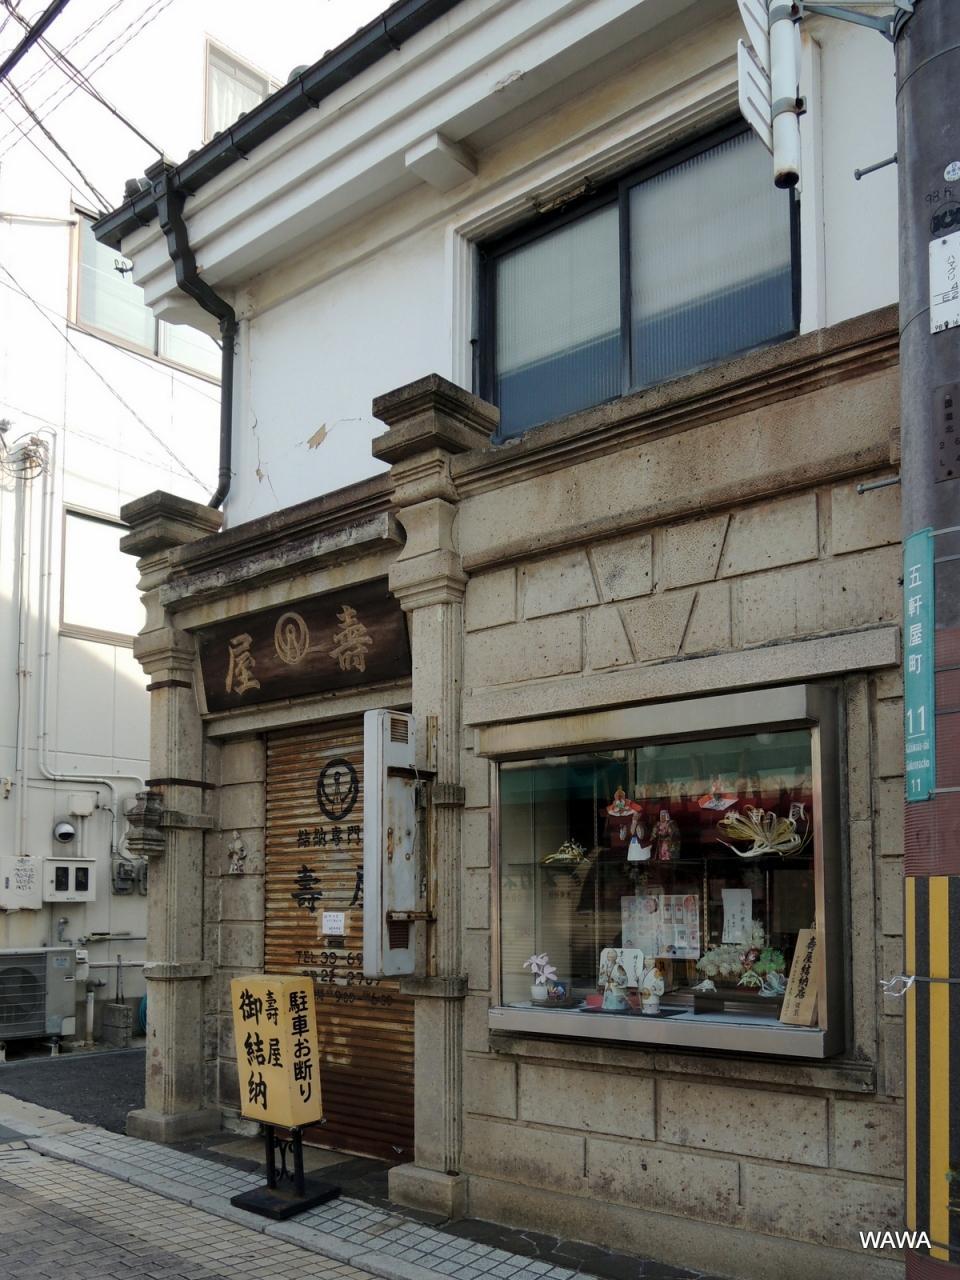 『カメラをポケットに貝塚や岸和田の古い街並みを歩いてみ ...